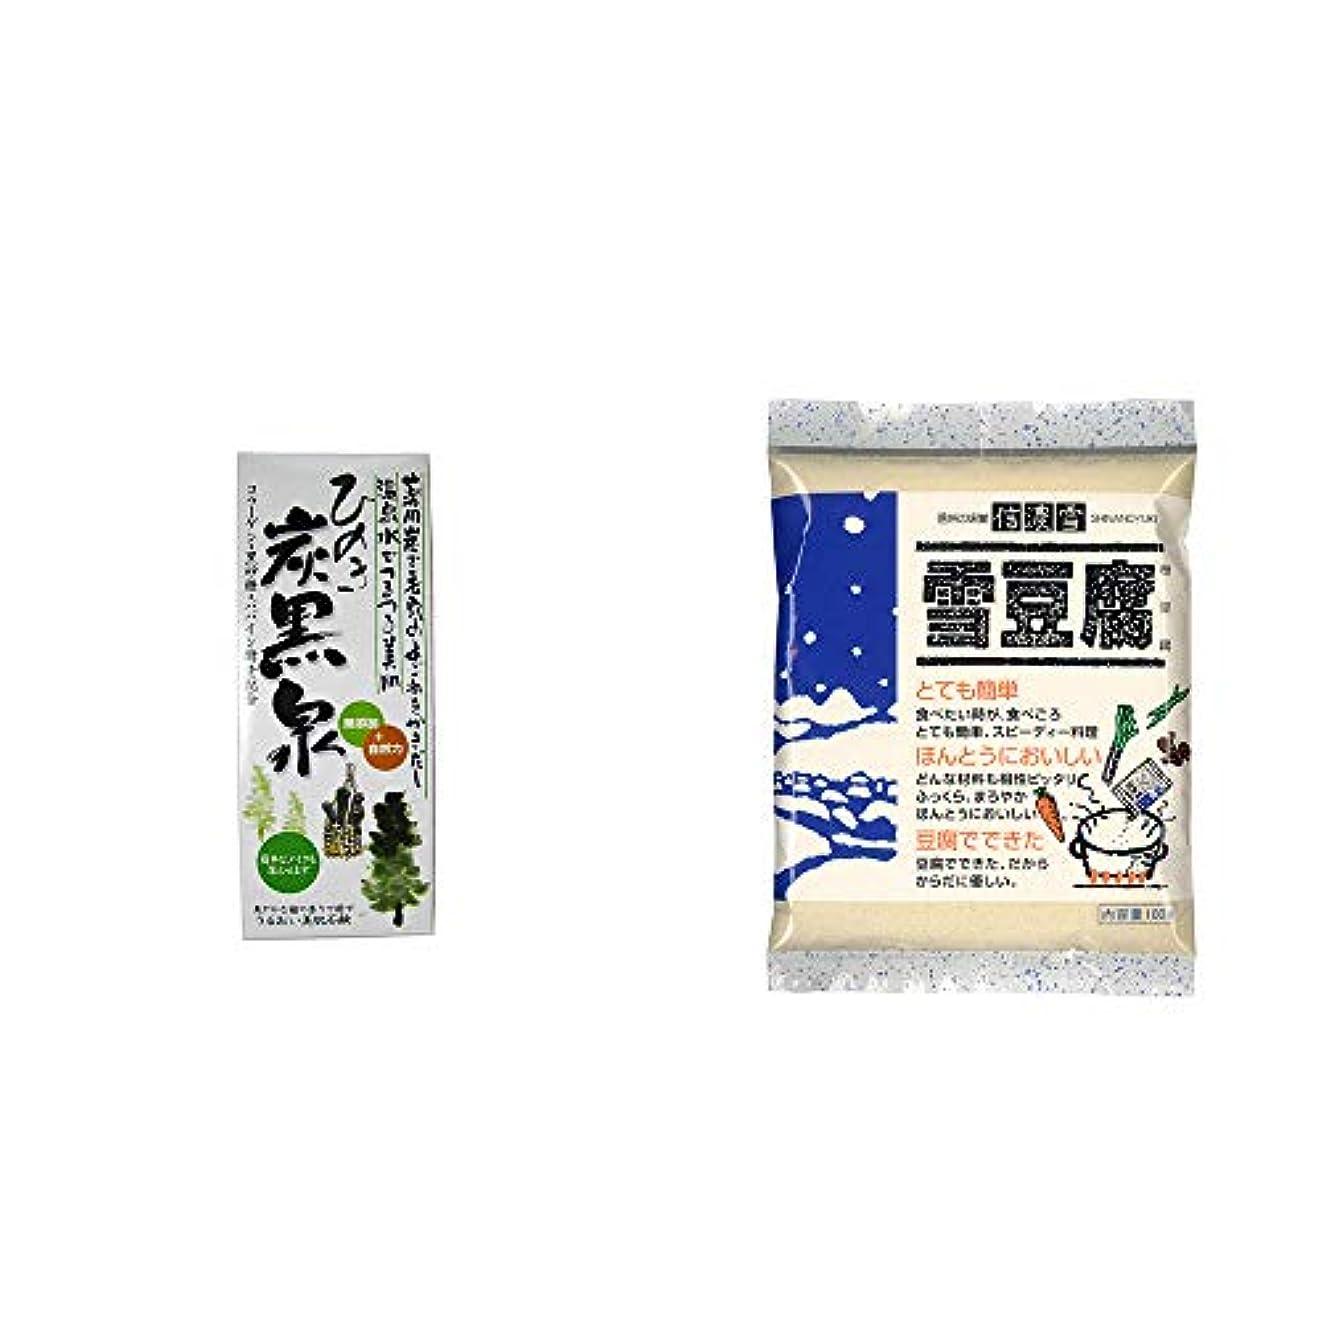 アフリカ人スペース交換可能[2点セット] ひのき炭黒泉 箱入り(75g×3)・信濃雪 雪豆腐(粉豆腐)(100g)